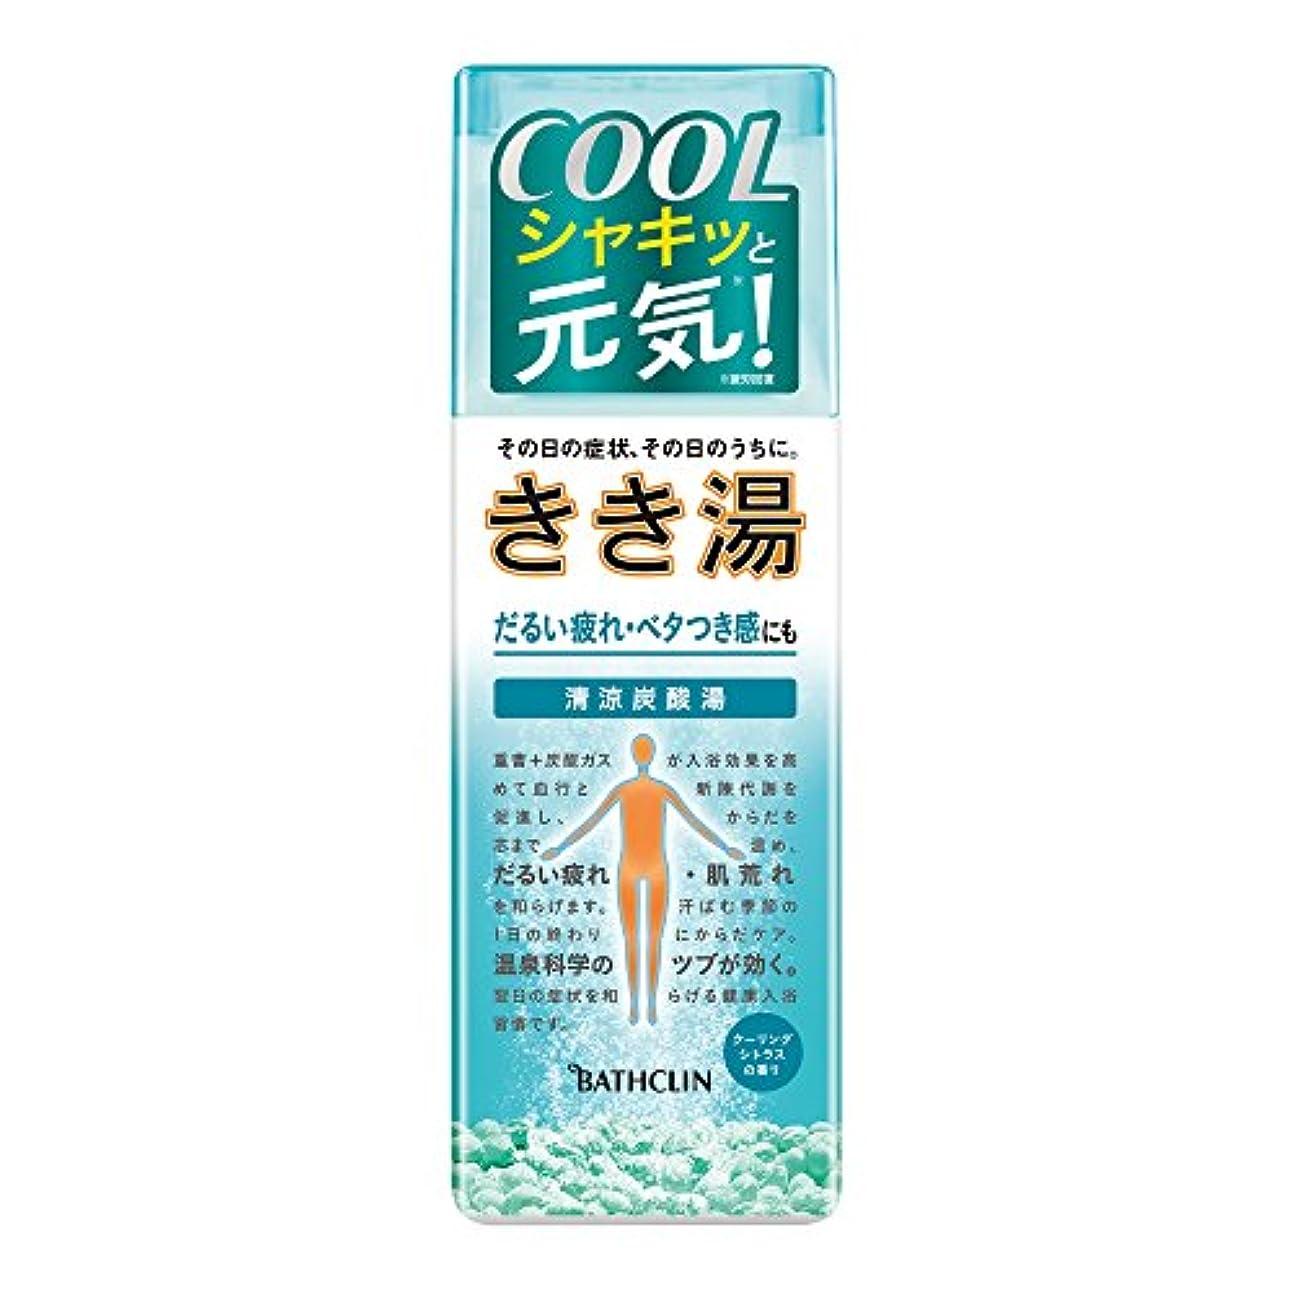 開発する水平端末【医薬部外品】きき湯清涼炭酸湯クーリングシトラスの香り360gスカイブルーの湯透明タイプ入浴剤